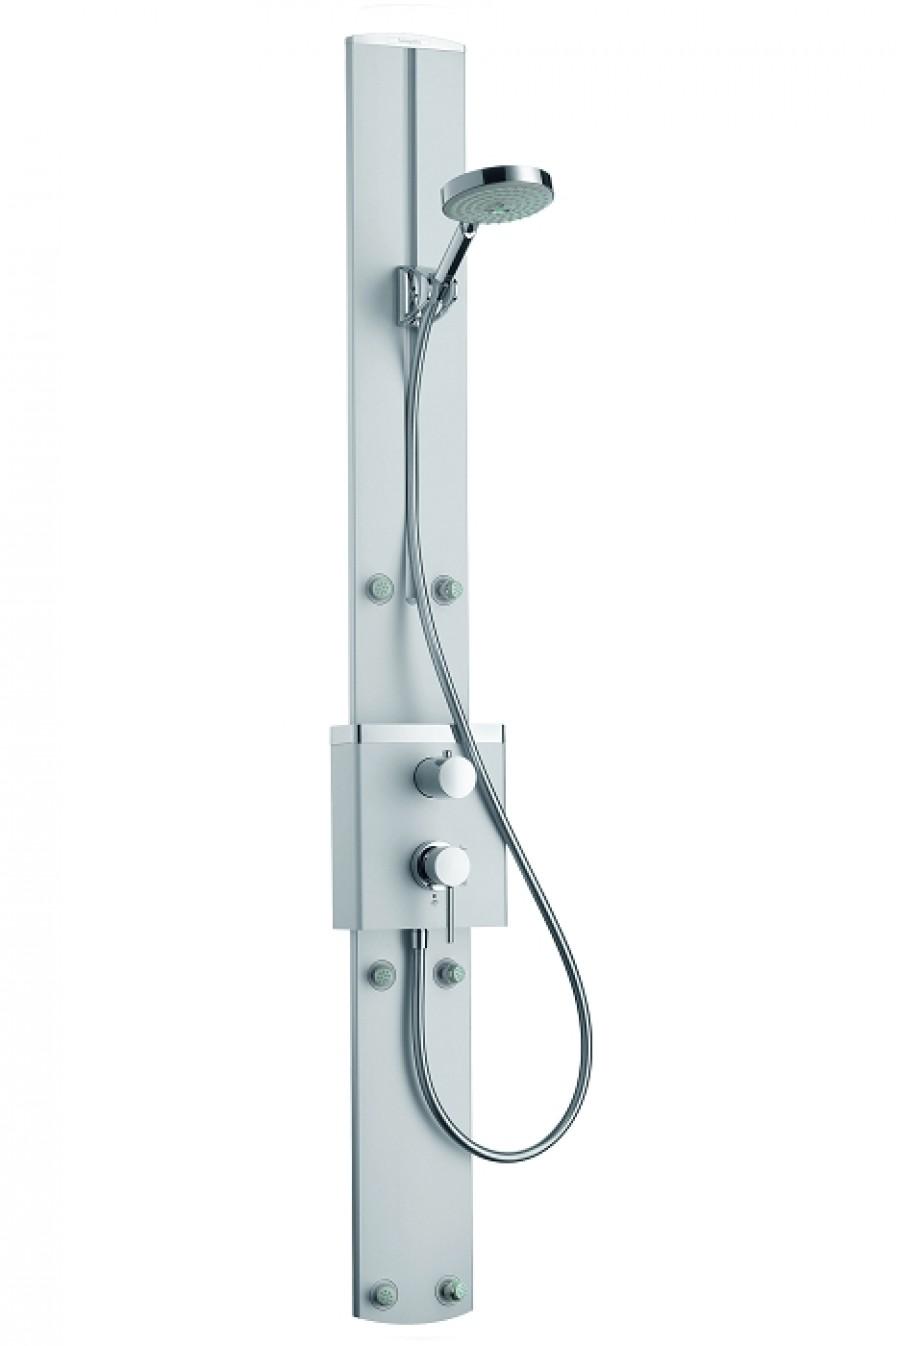 colonne de douche grohe pas cher good colonne de douche. Black Bedroom Furniture Sets. Home Design Ideas